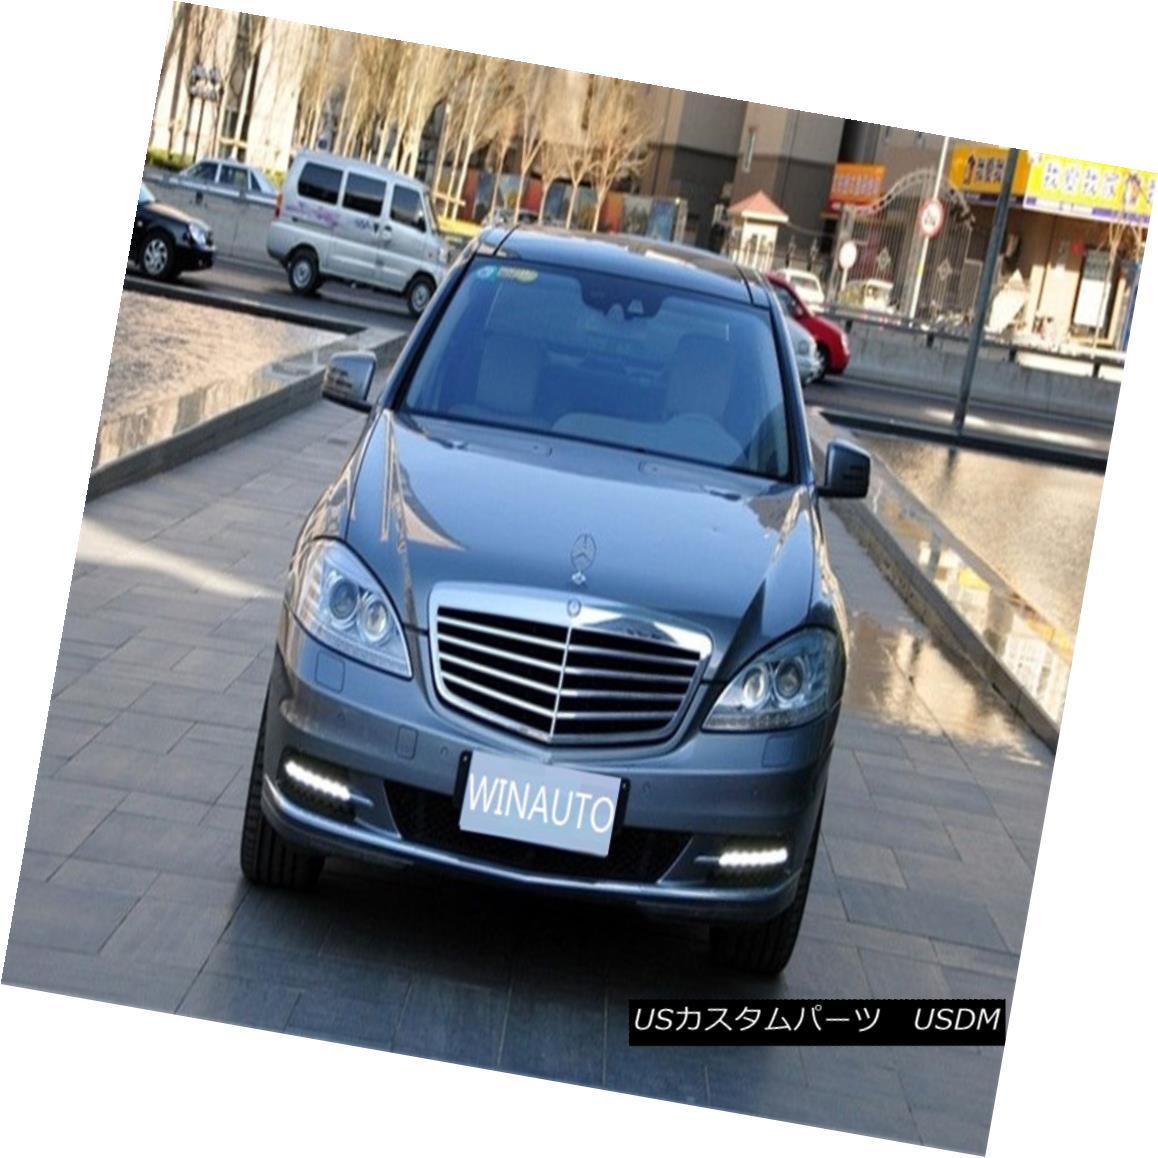 エアロパーツ 09-12 For Benz S Class W221 S300 S350 S500 S600 LED DRL Daytime Running Light 09-12ベンツSクラスW221 S300 S350 S500 S600 LED DRLデイタイムランニングライト